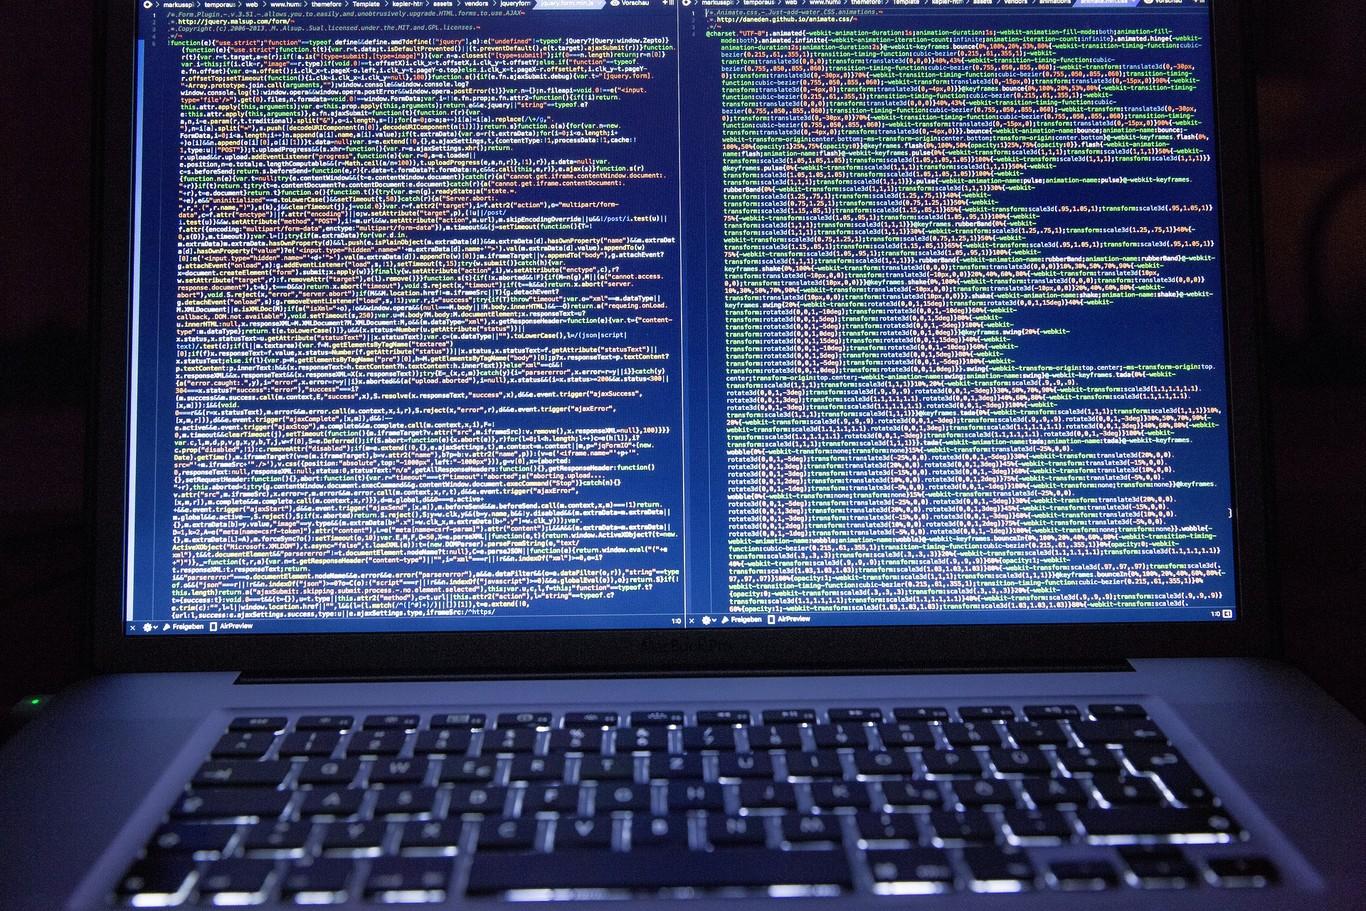 Microsoft se disculpa por una nueva brecha de seguridad: hackers obtuvieron datos de cuentas durante meses